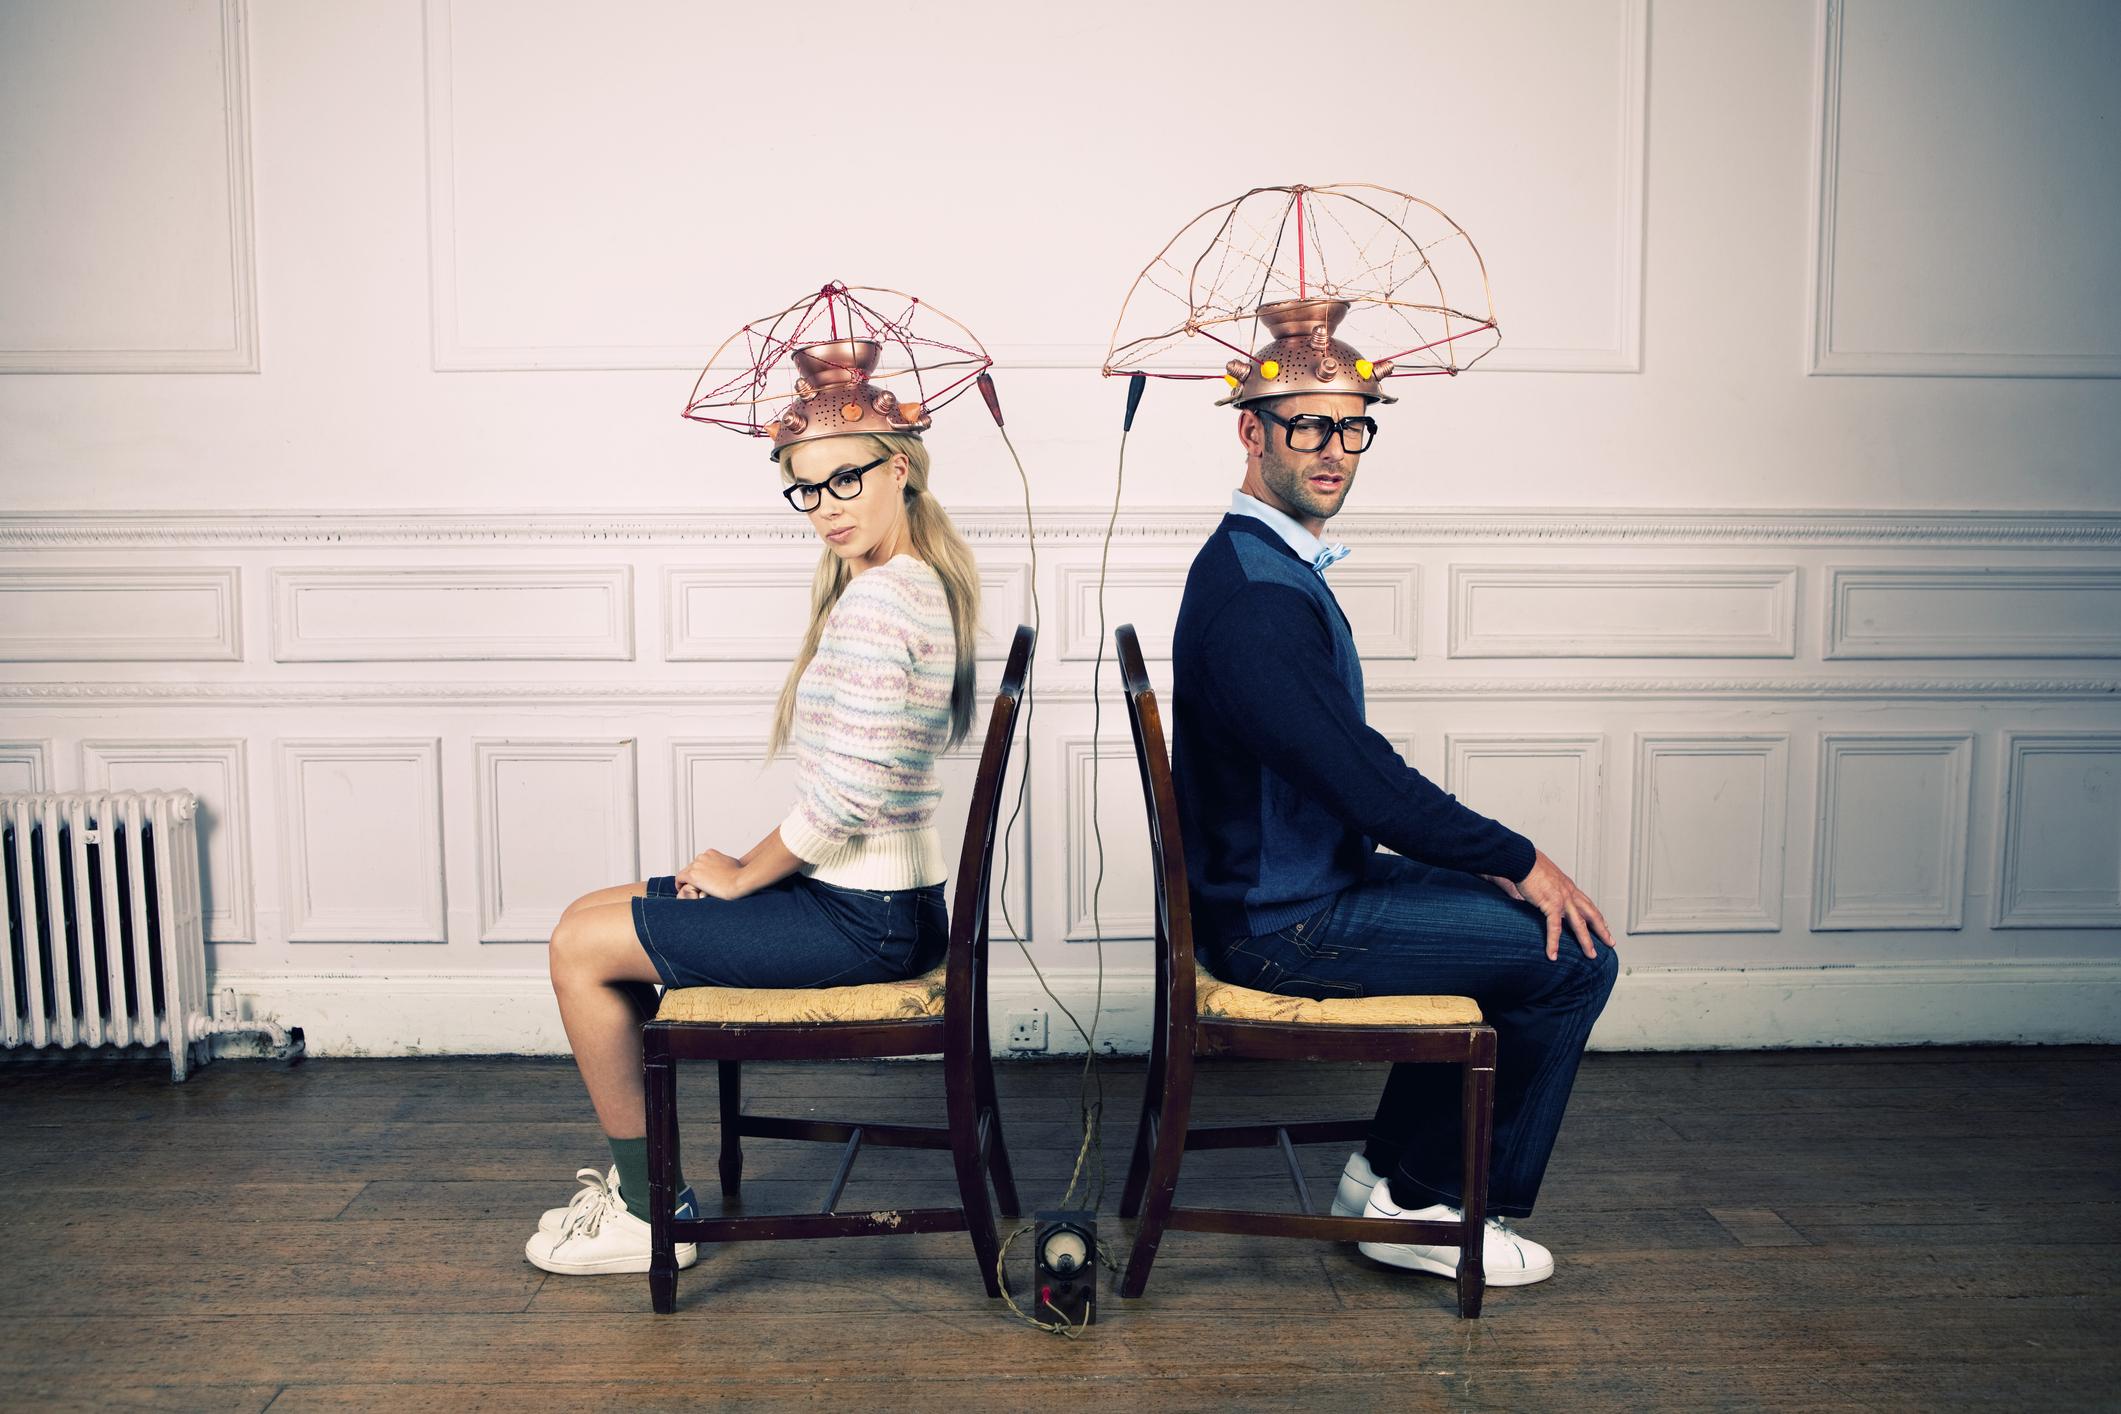 هل يمكنك قراءة عقل شريكك؟ وهل هذا أمر جيد أم سيء - قراءة عقل الشريك - قراءة العقل المستنبطة من ردود المشاركين المكتوبة - المواجدة السليمة